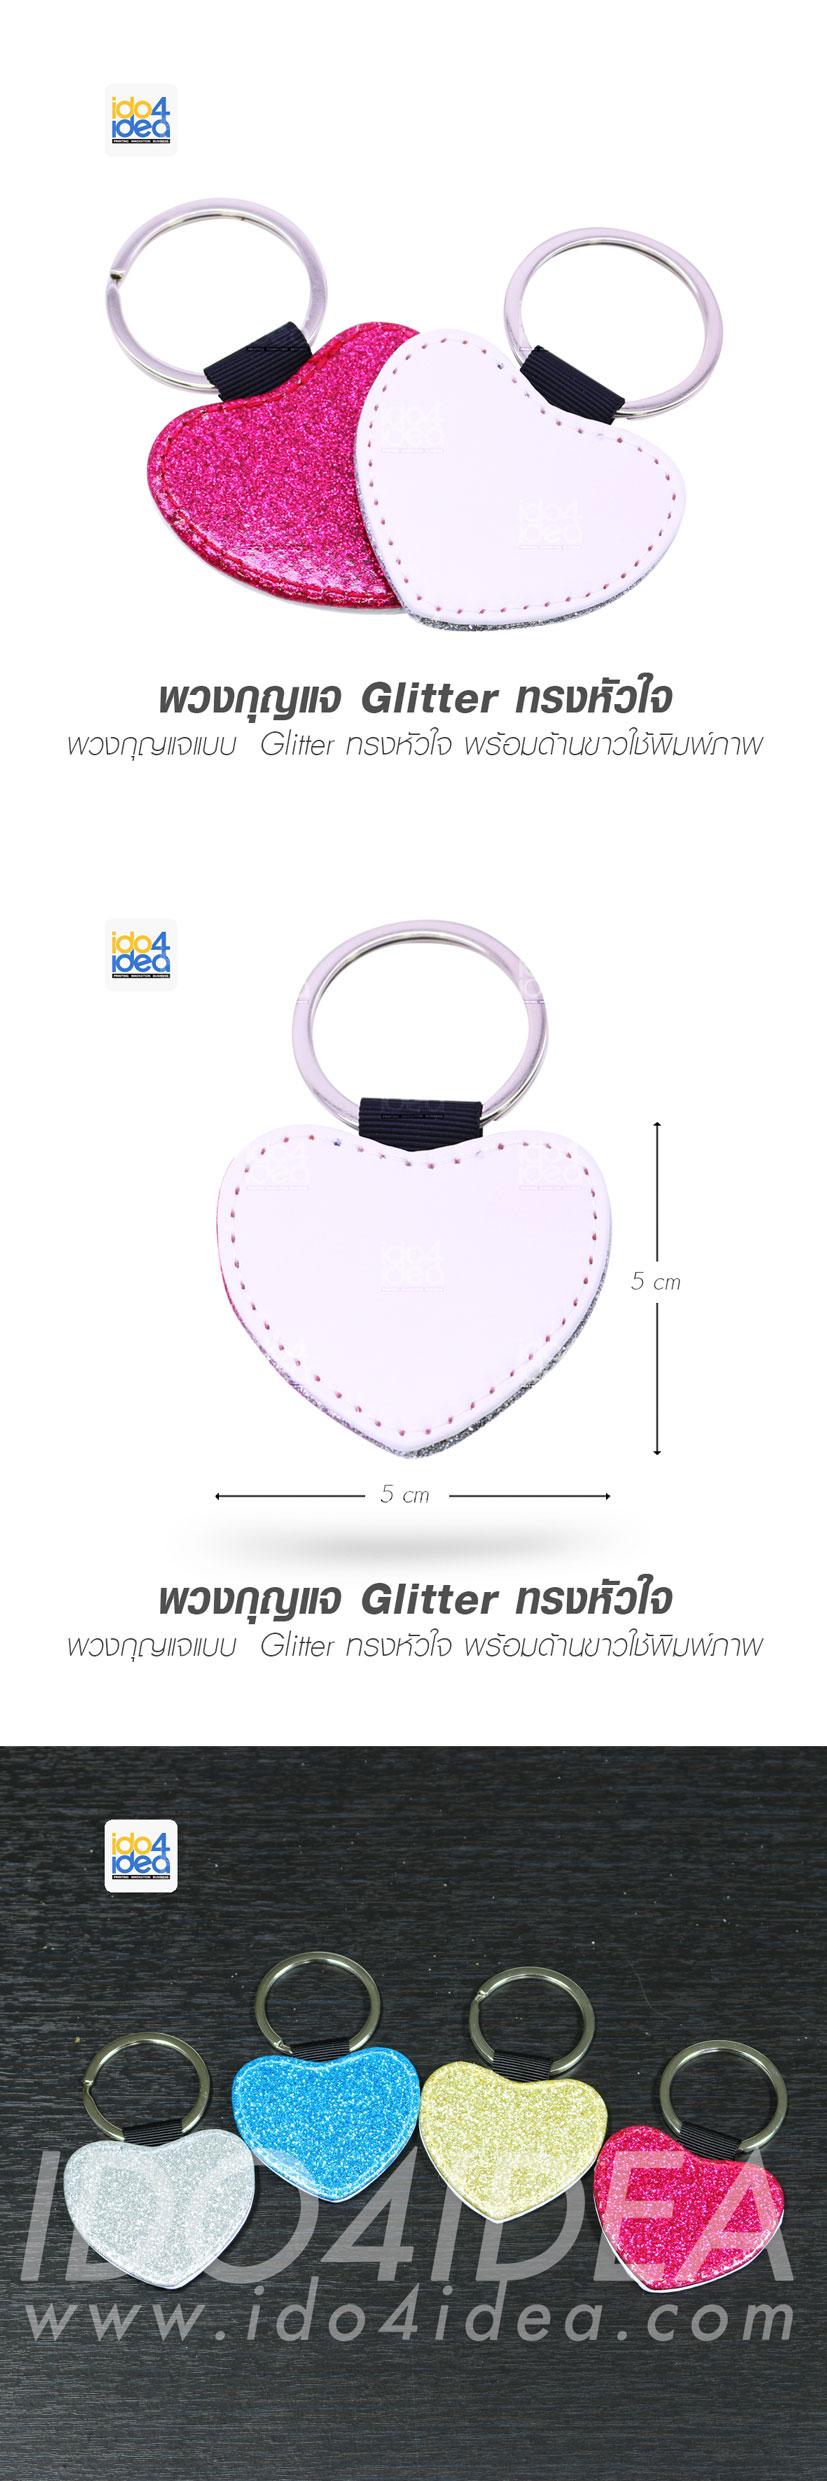 พวงกุญแจ Glitter ทรงหัวใจ